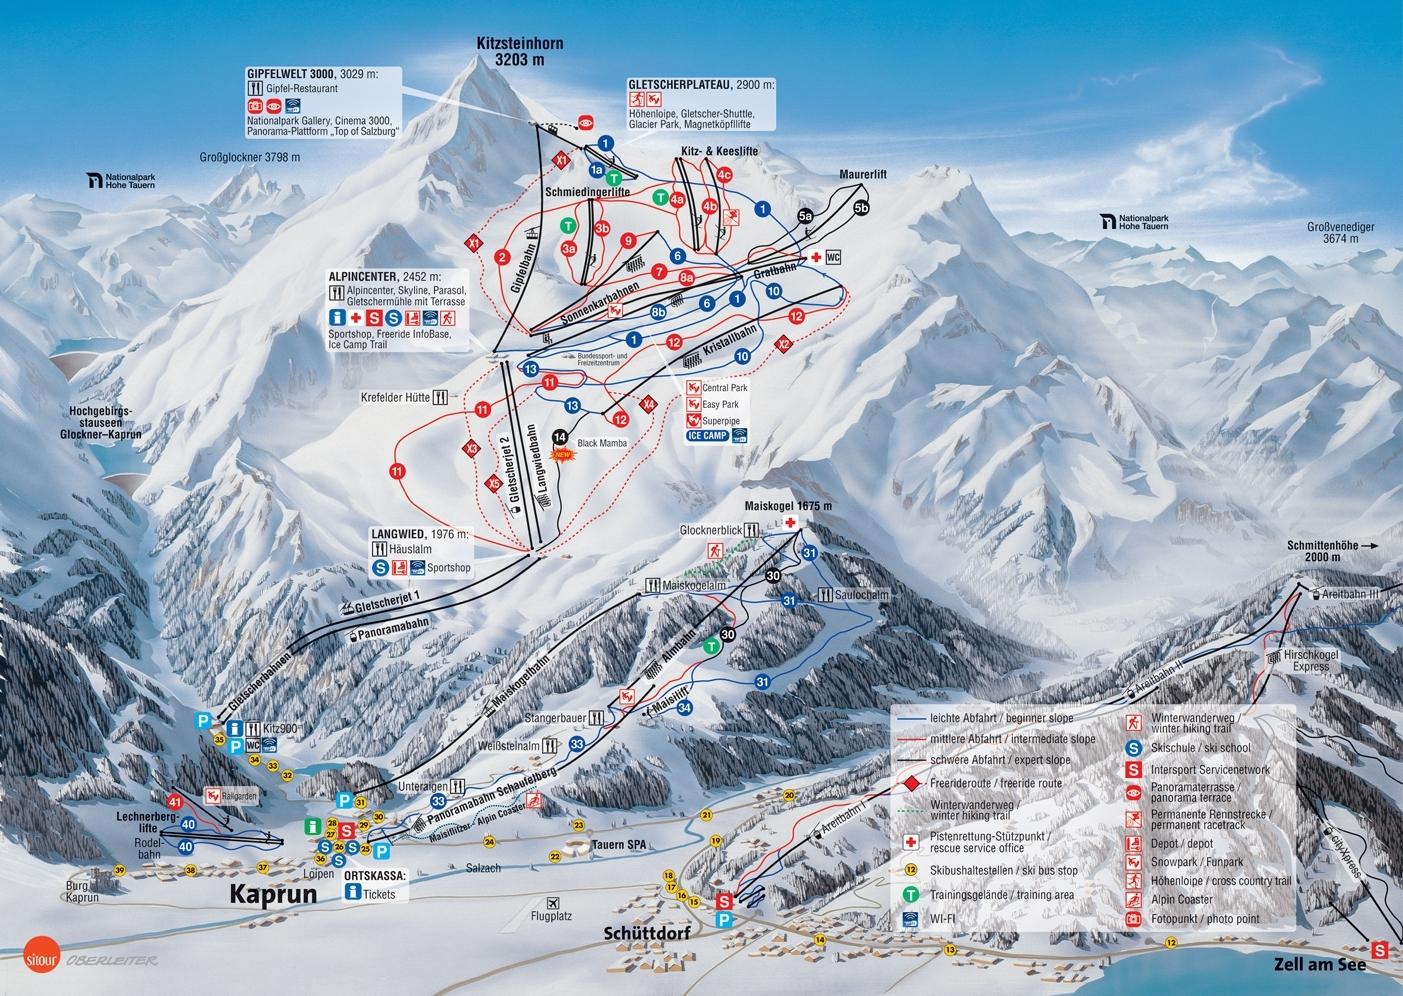 Mapy Tras W Popularnych Osrodkach Narciarskich W Austrii